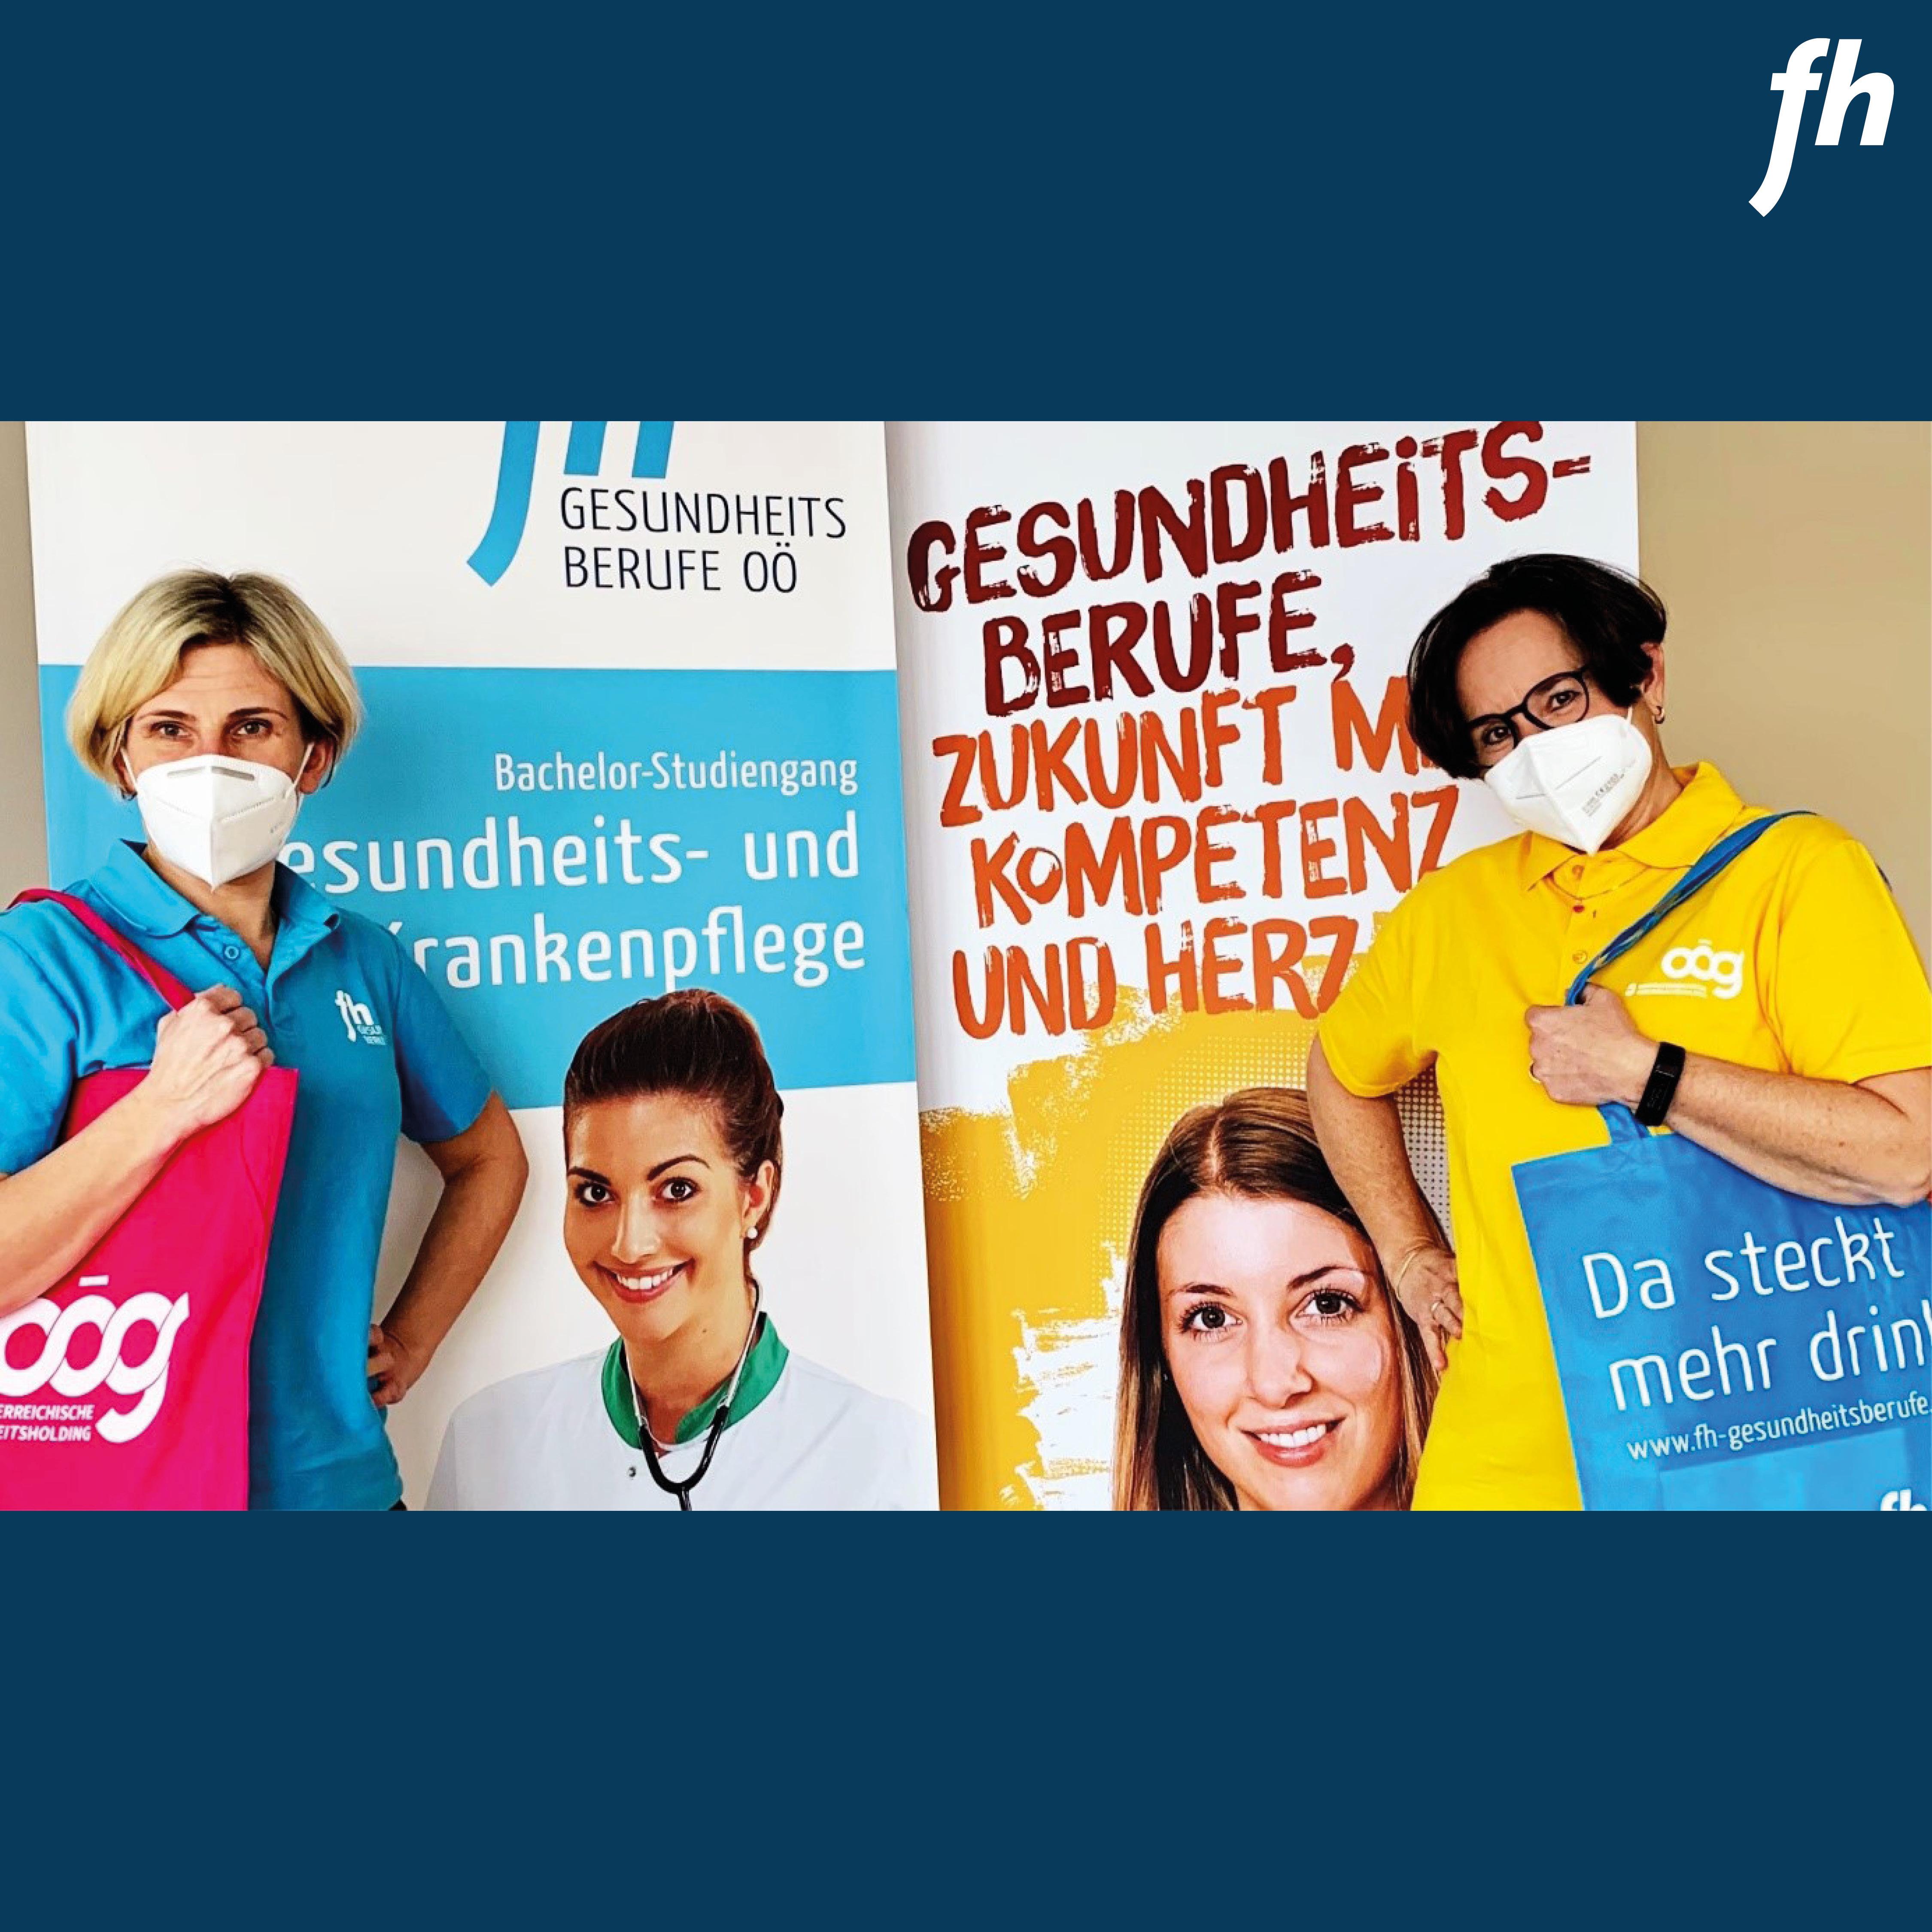 Foto zur gelungenen Kooperation FH Gesundheitsberufe OÖ mit Margret Kritzinger und OÖ Gesundheitsholding mit Maria Ragl - (Fotocredit: FH Gesundheitsberufe OÖ/ OÖ Gesundheitsholding)